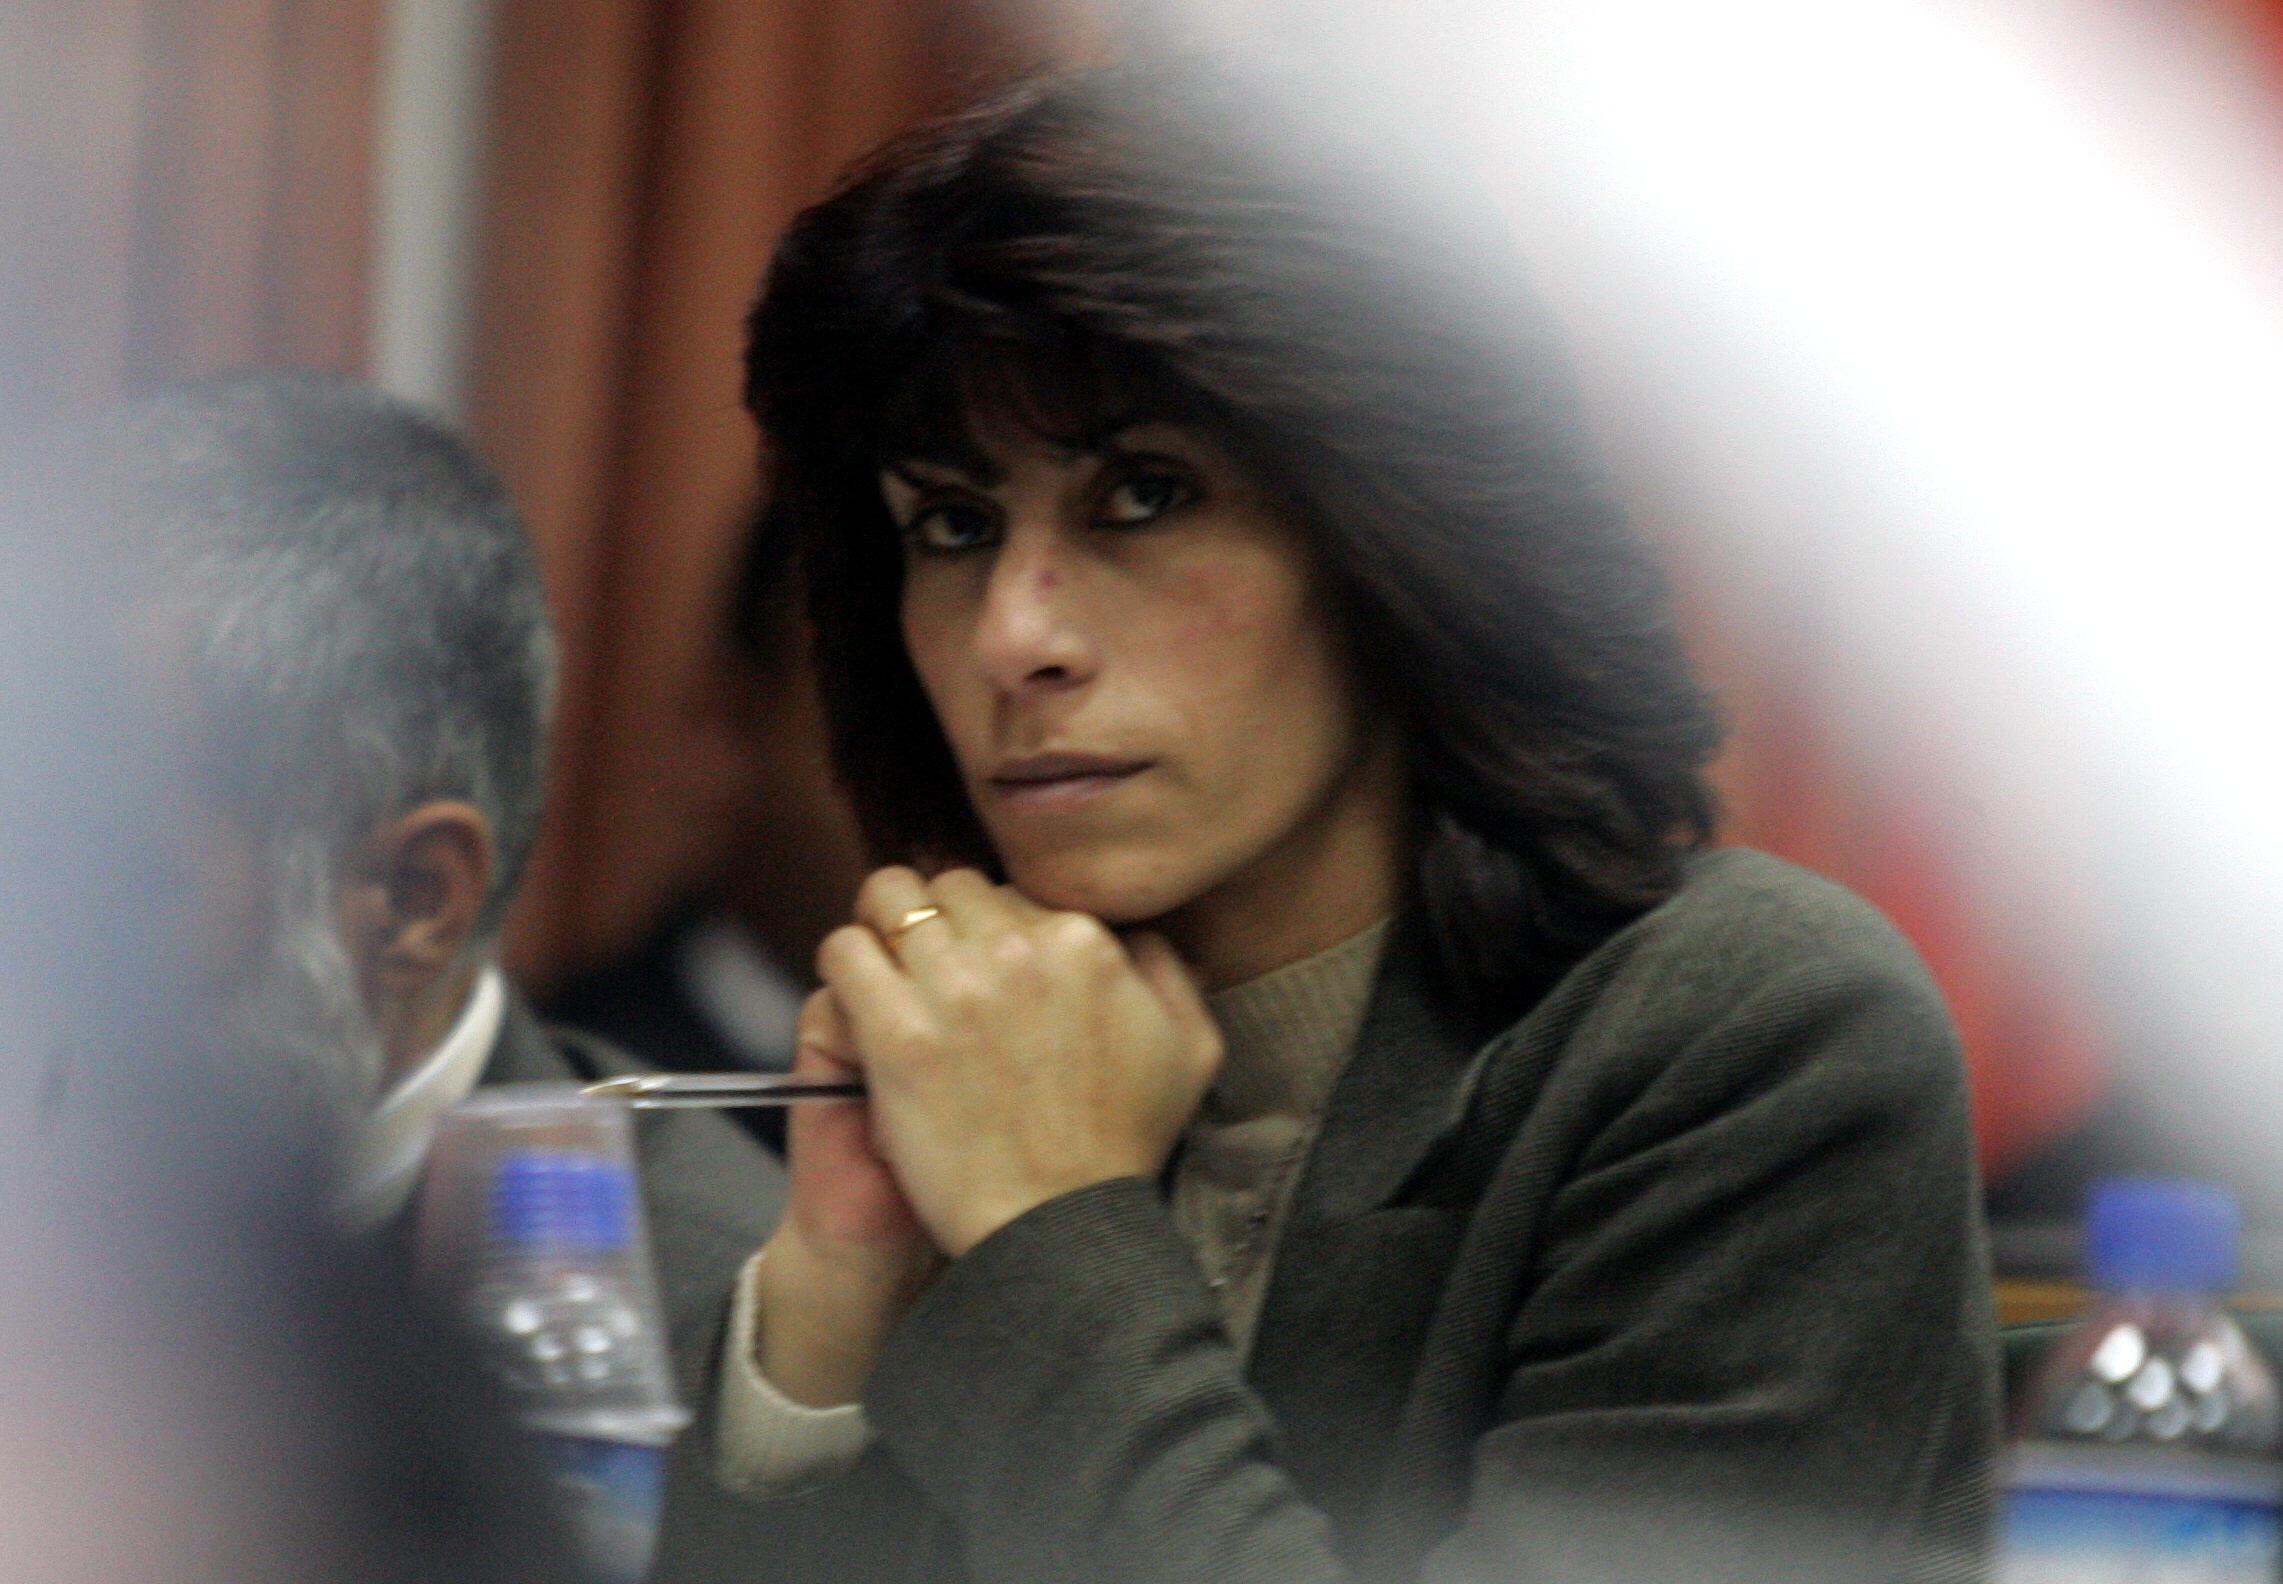 Khalda Jarar